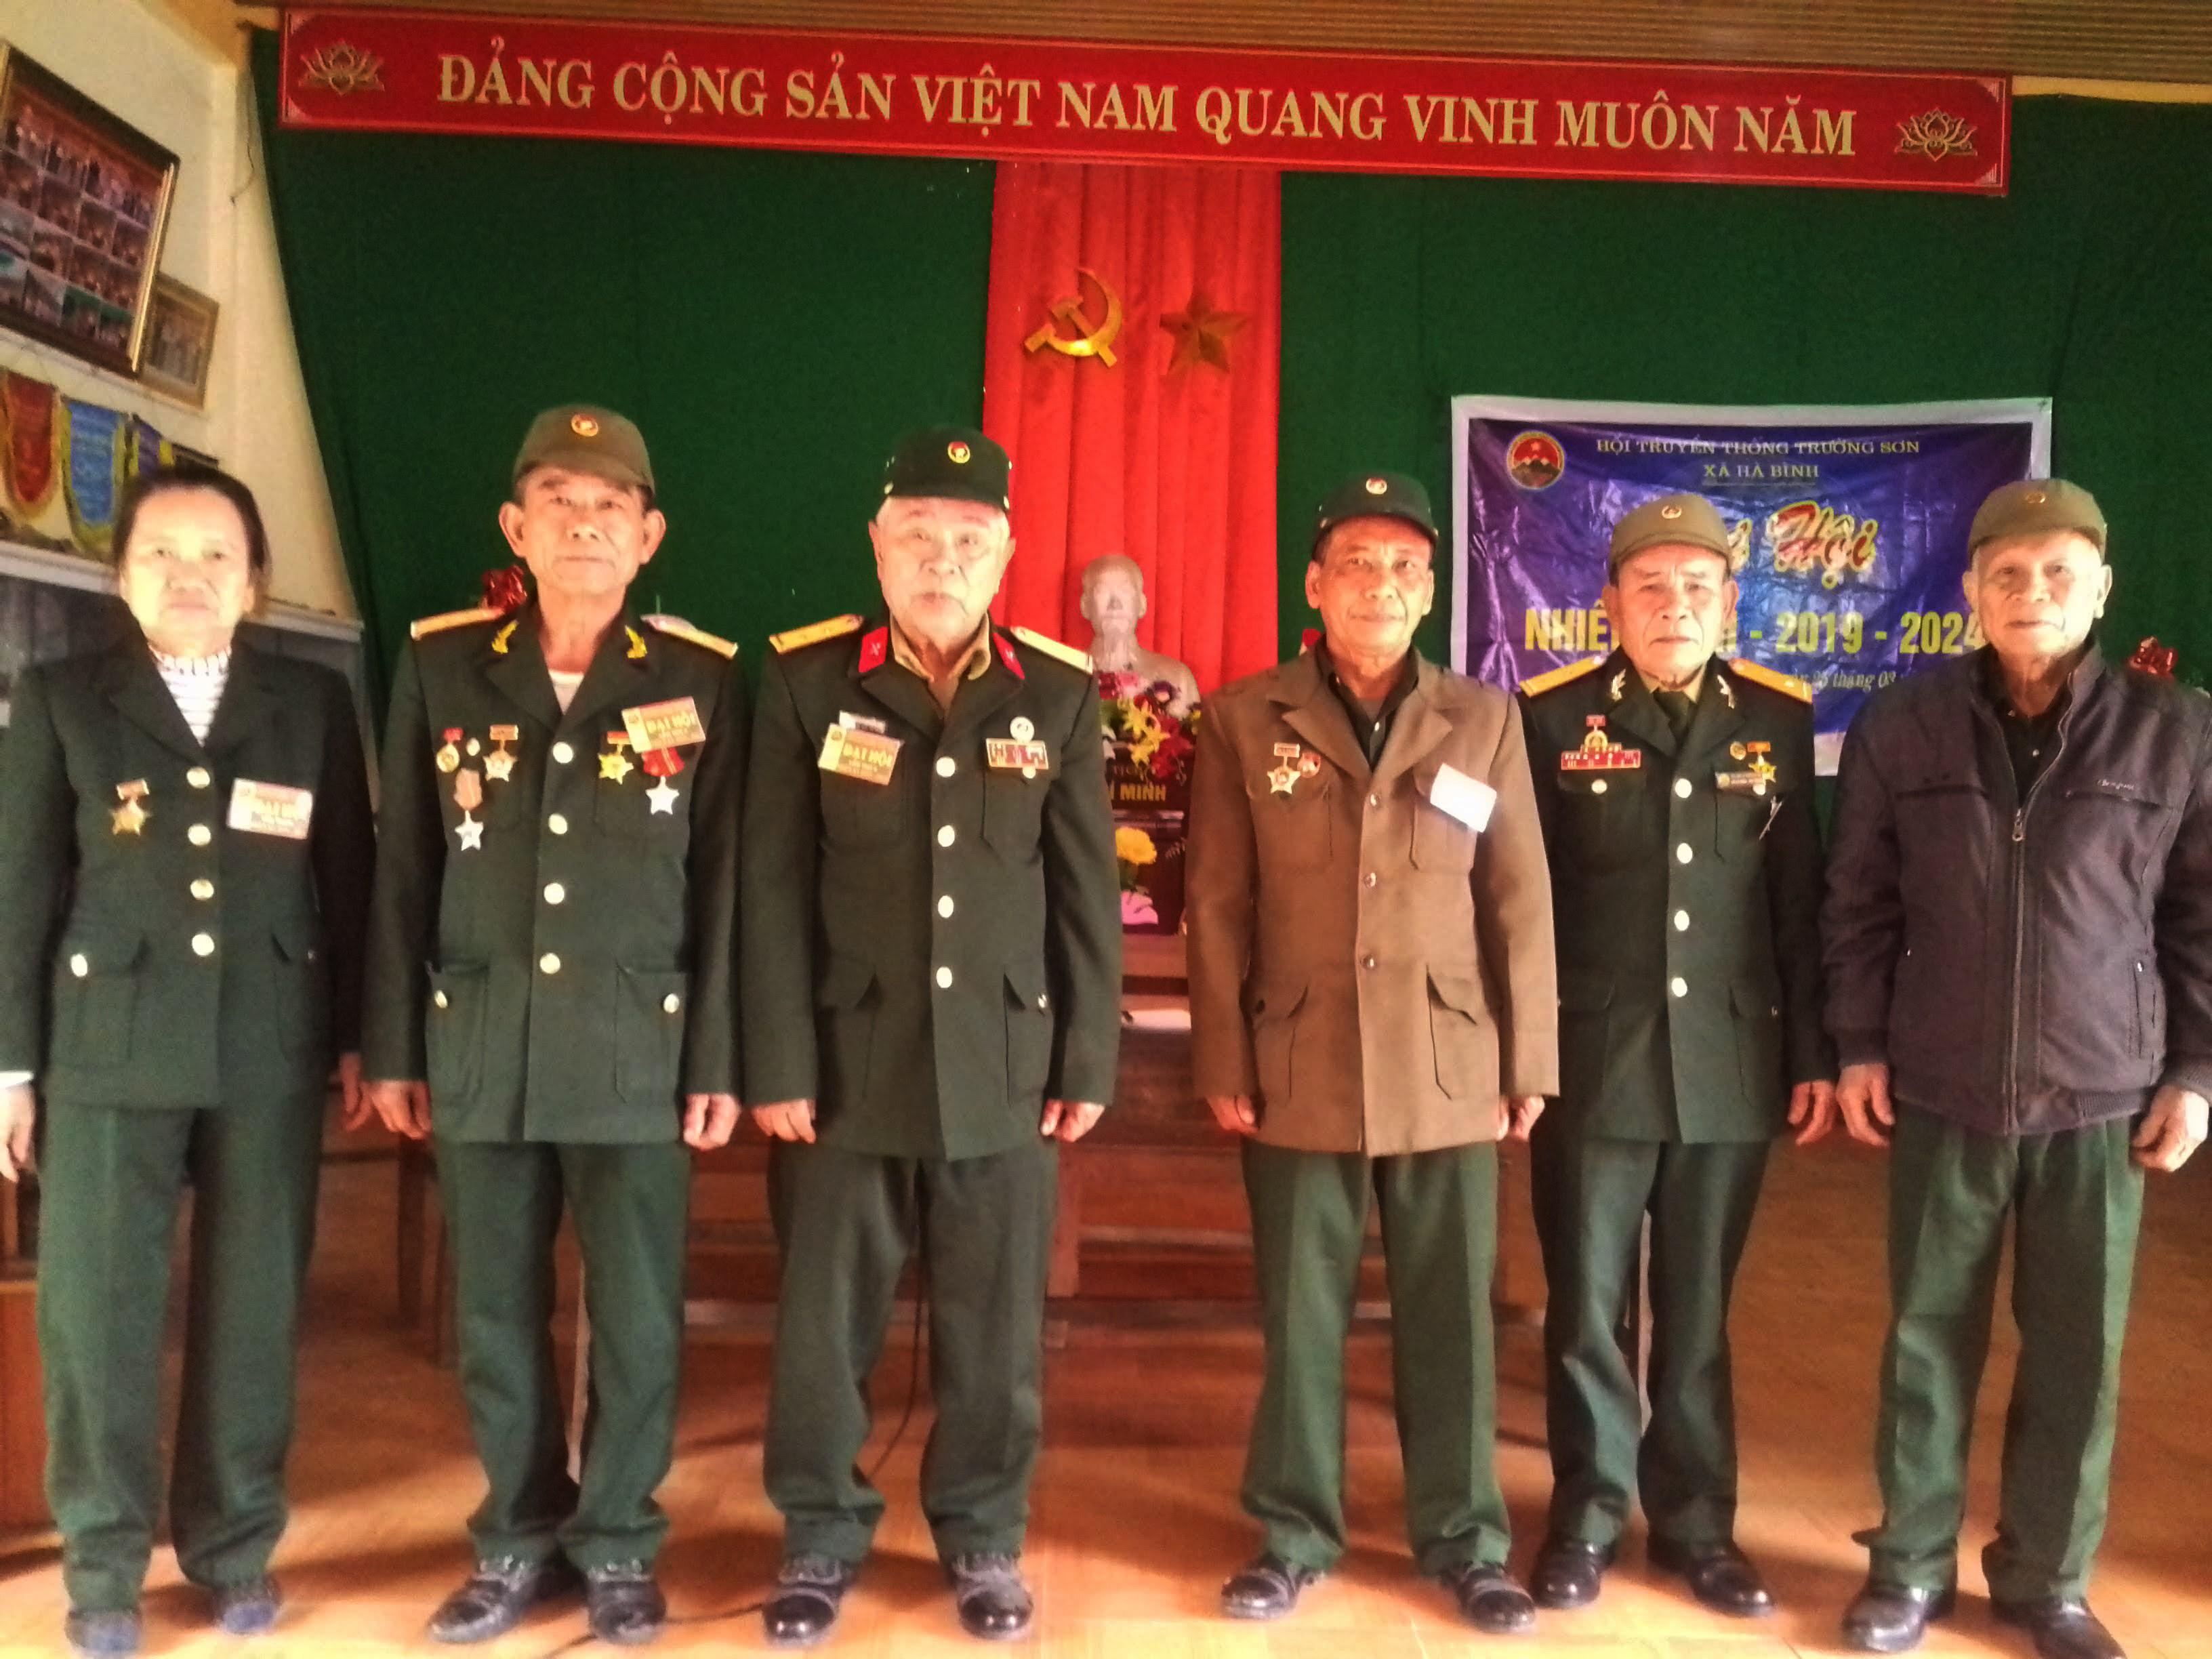 Đại hội Hội Trường Sơn xã Hà Bình,huyện Hà Trung,Thanh Hóa